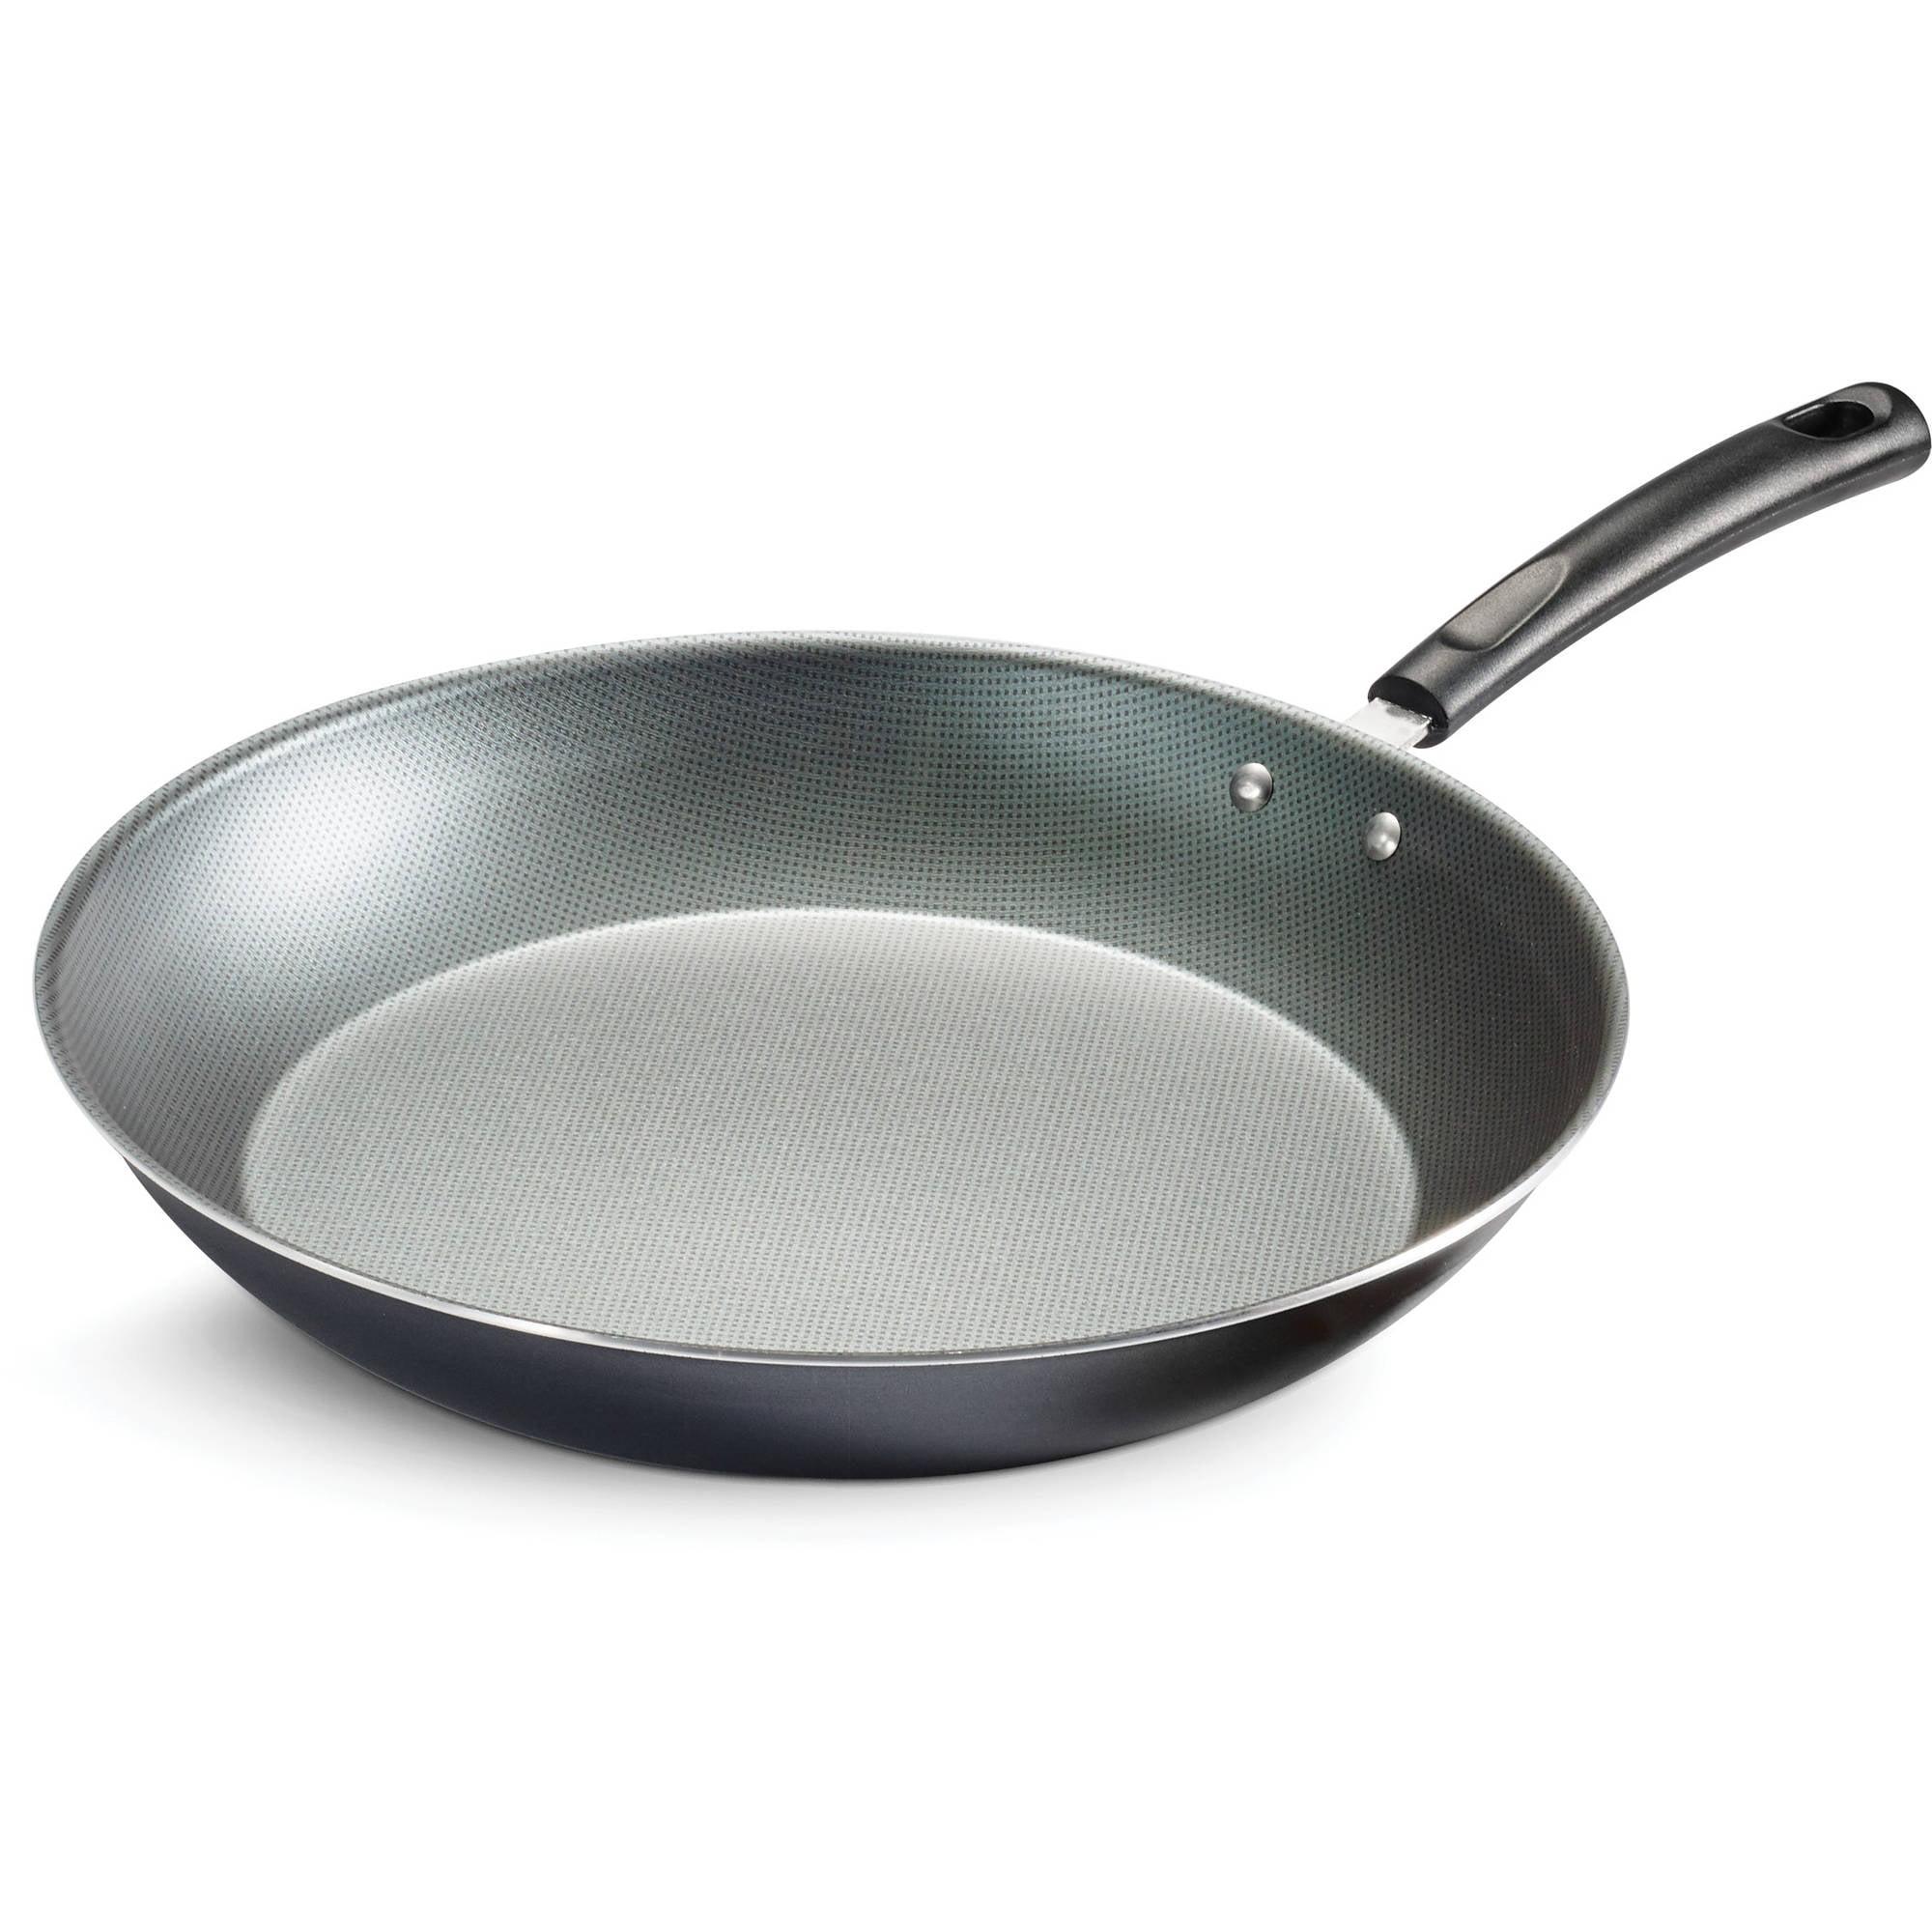 Tramontina PrimaWare 12-Inch Steel Gray Nonstick Saute Pan, Steel Gray